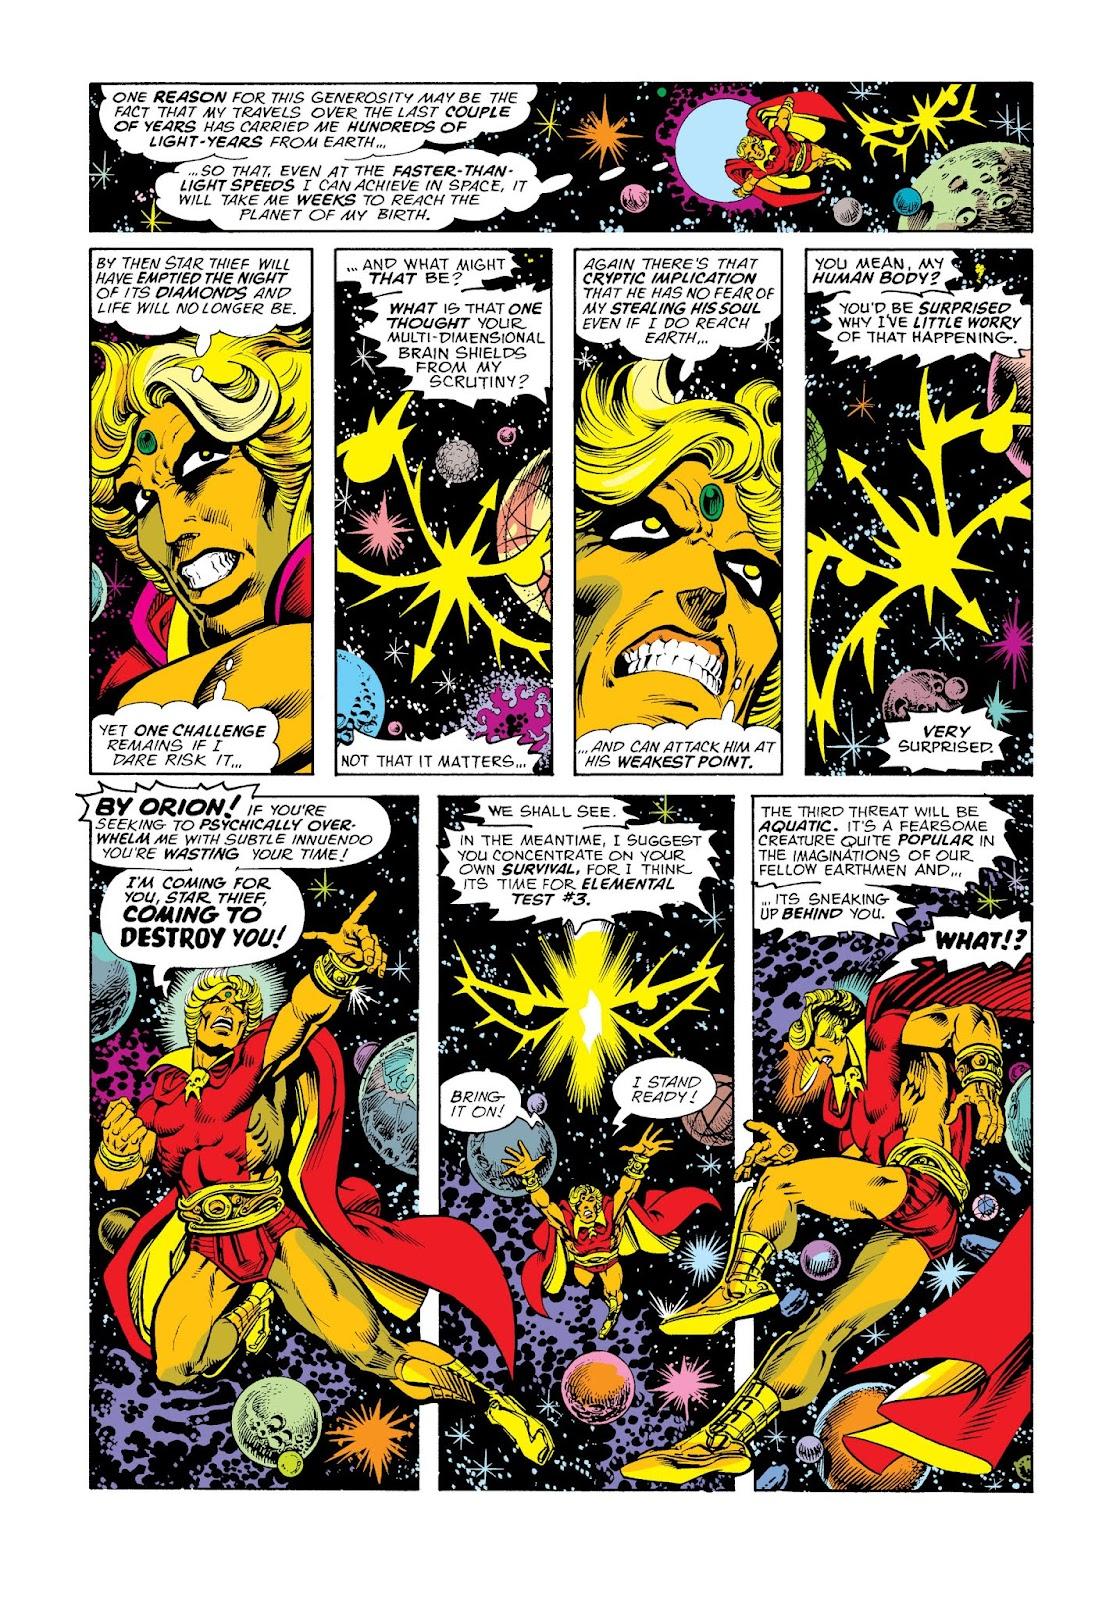 Read online Warlock by Jim Starlin comic -  Issue # TPB (Part 2) - 71